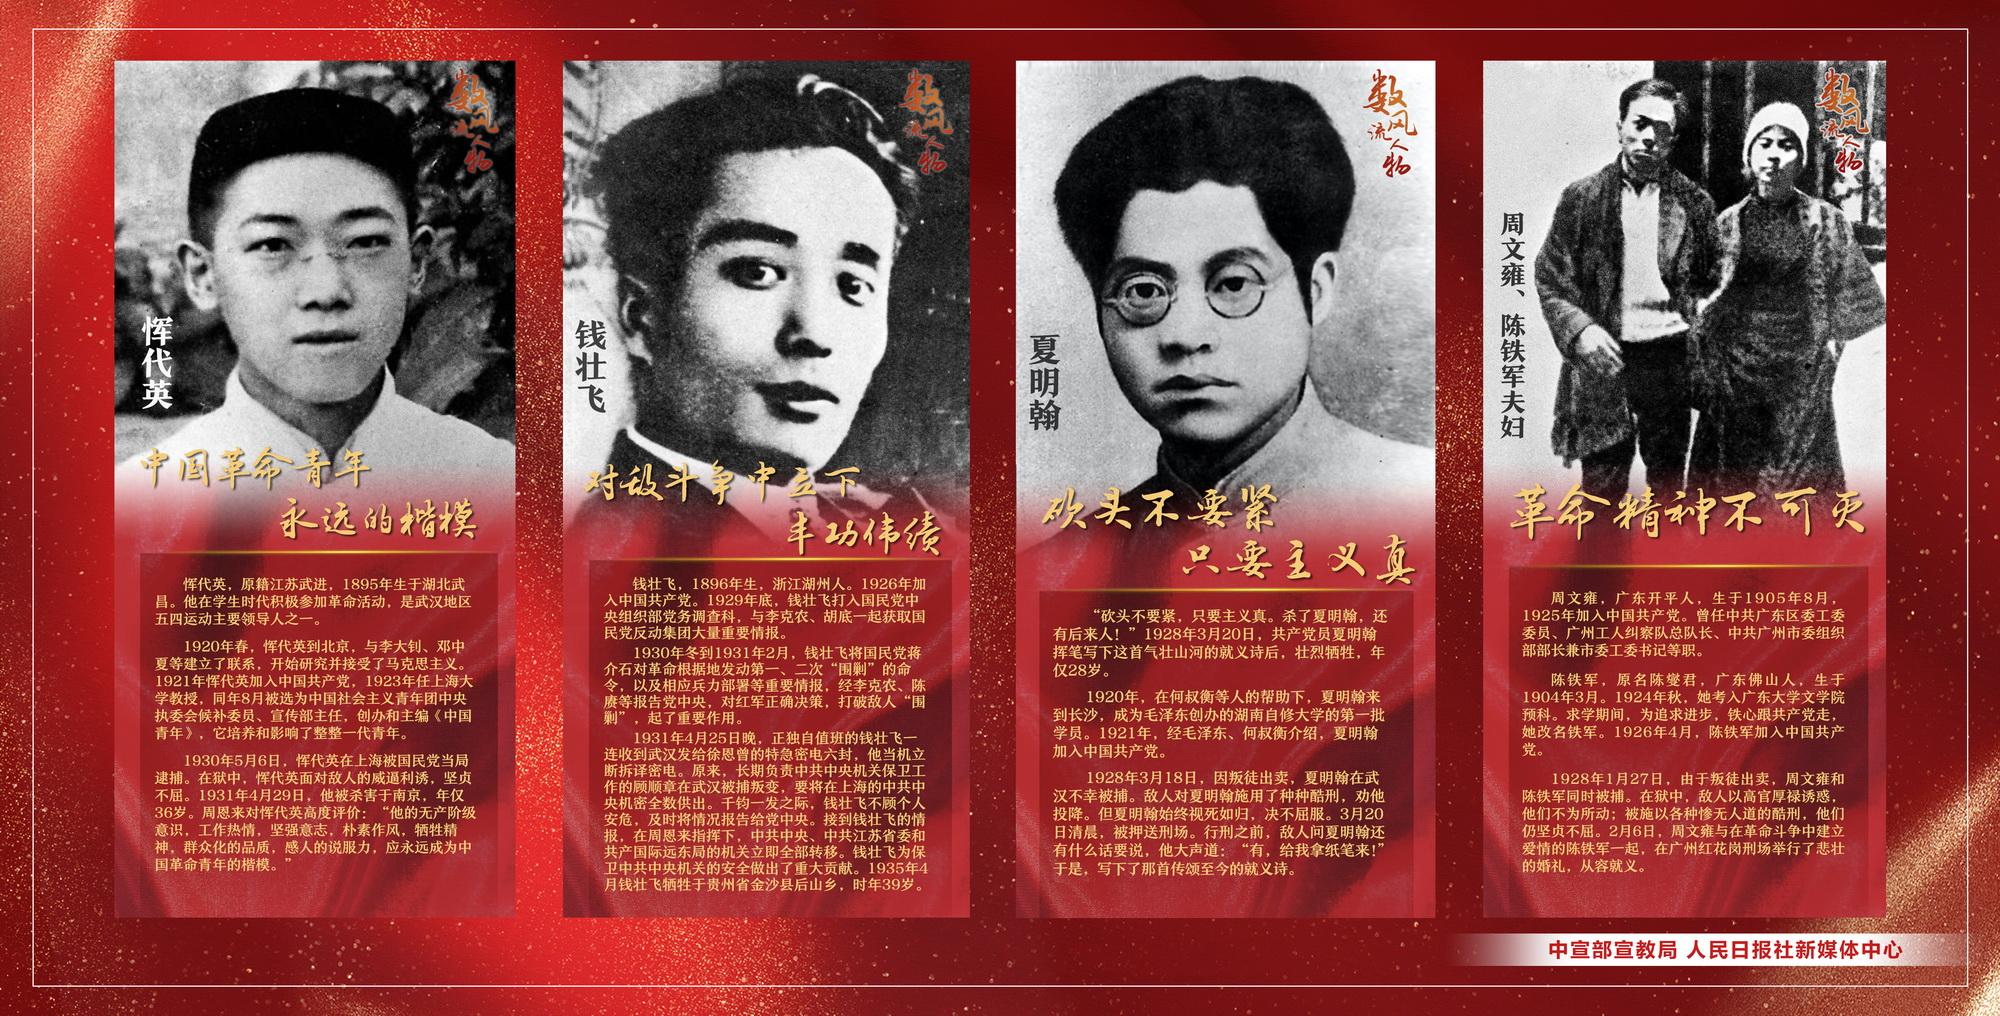 宣传海报 13-16_调整大小.jpg